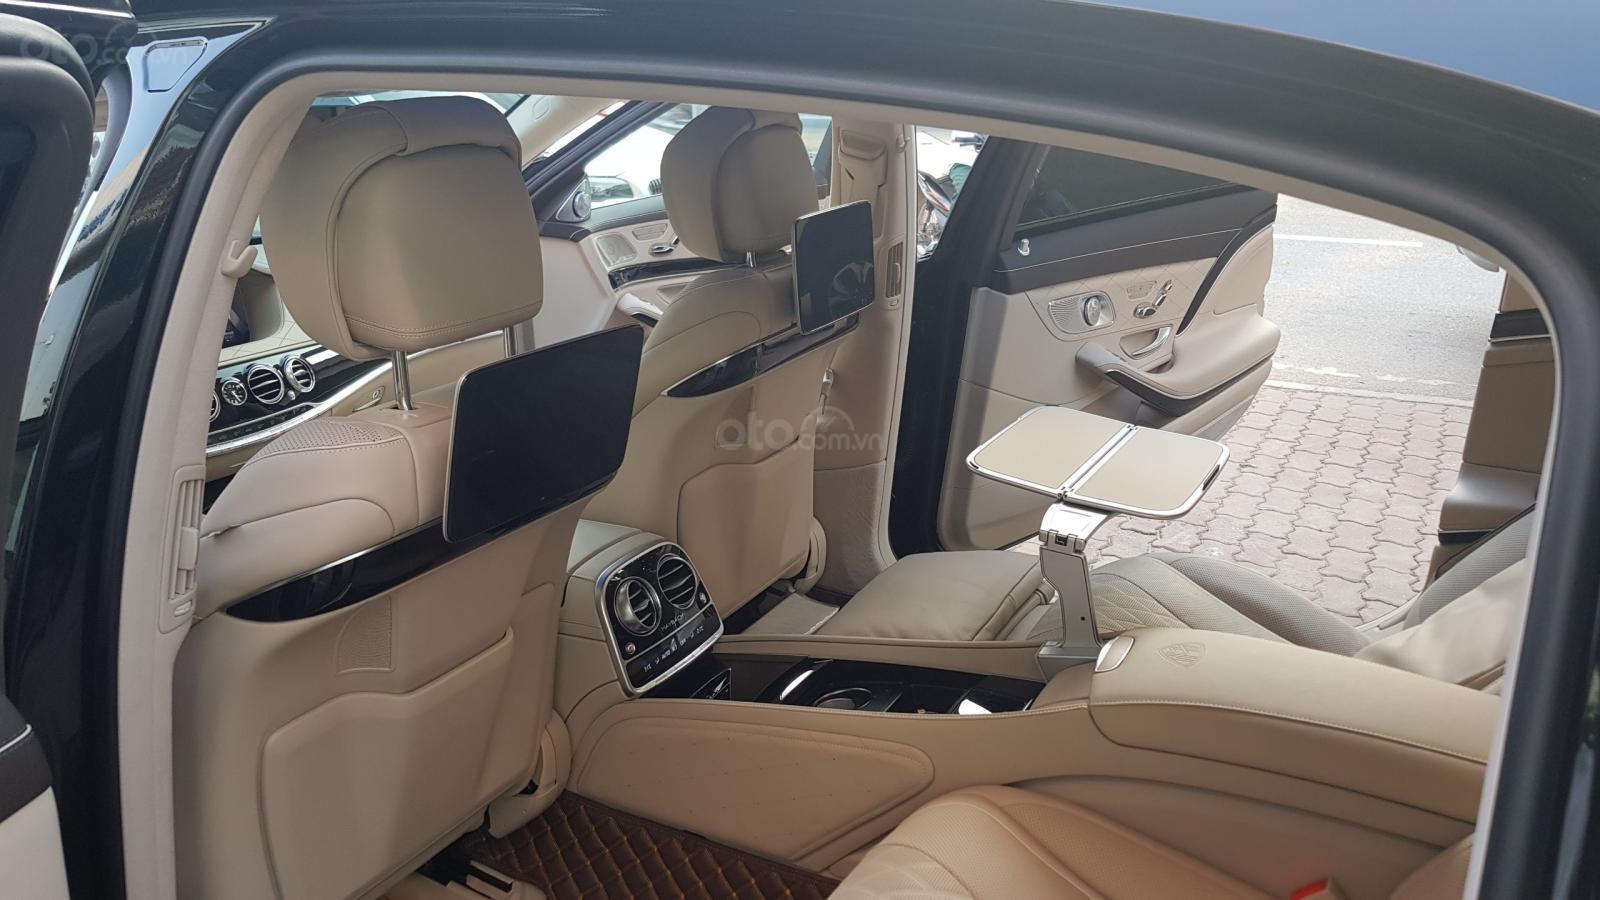 Bán Mercedes-Benz S450 Maybach màu đen, nội thất kem, xe sản xuất 2017, đăng ký lần đầu 4/2018 tên công ty-12